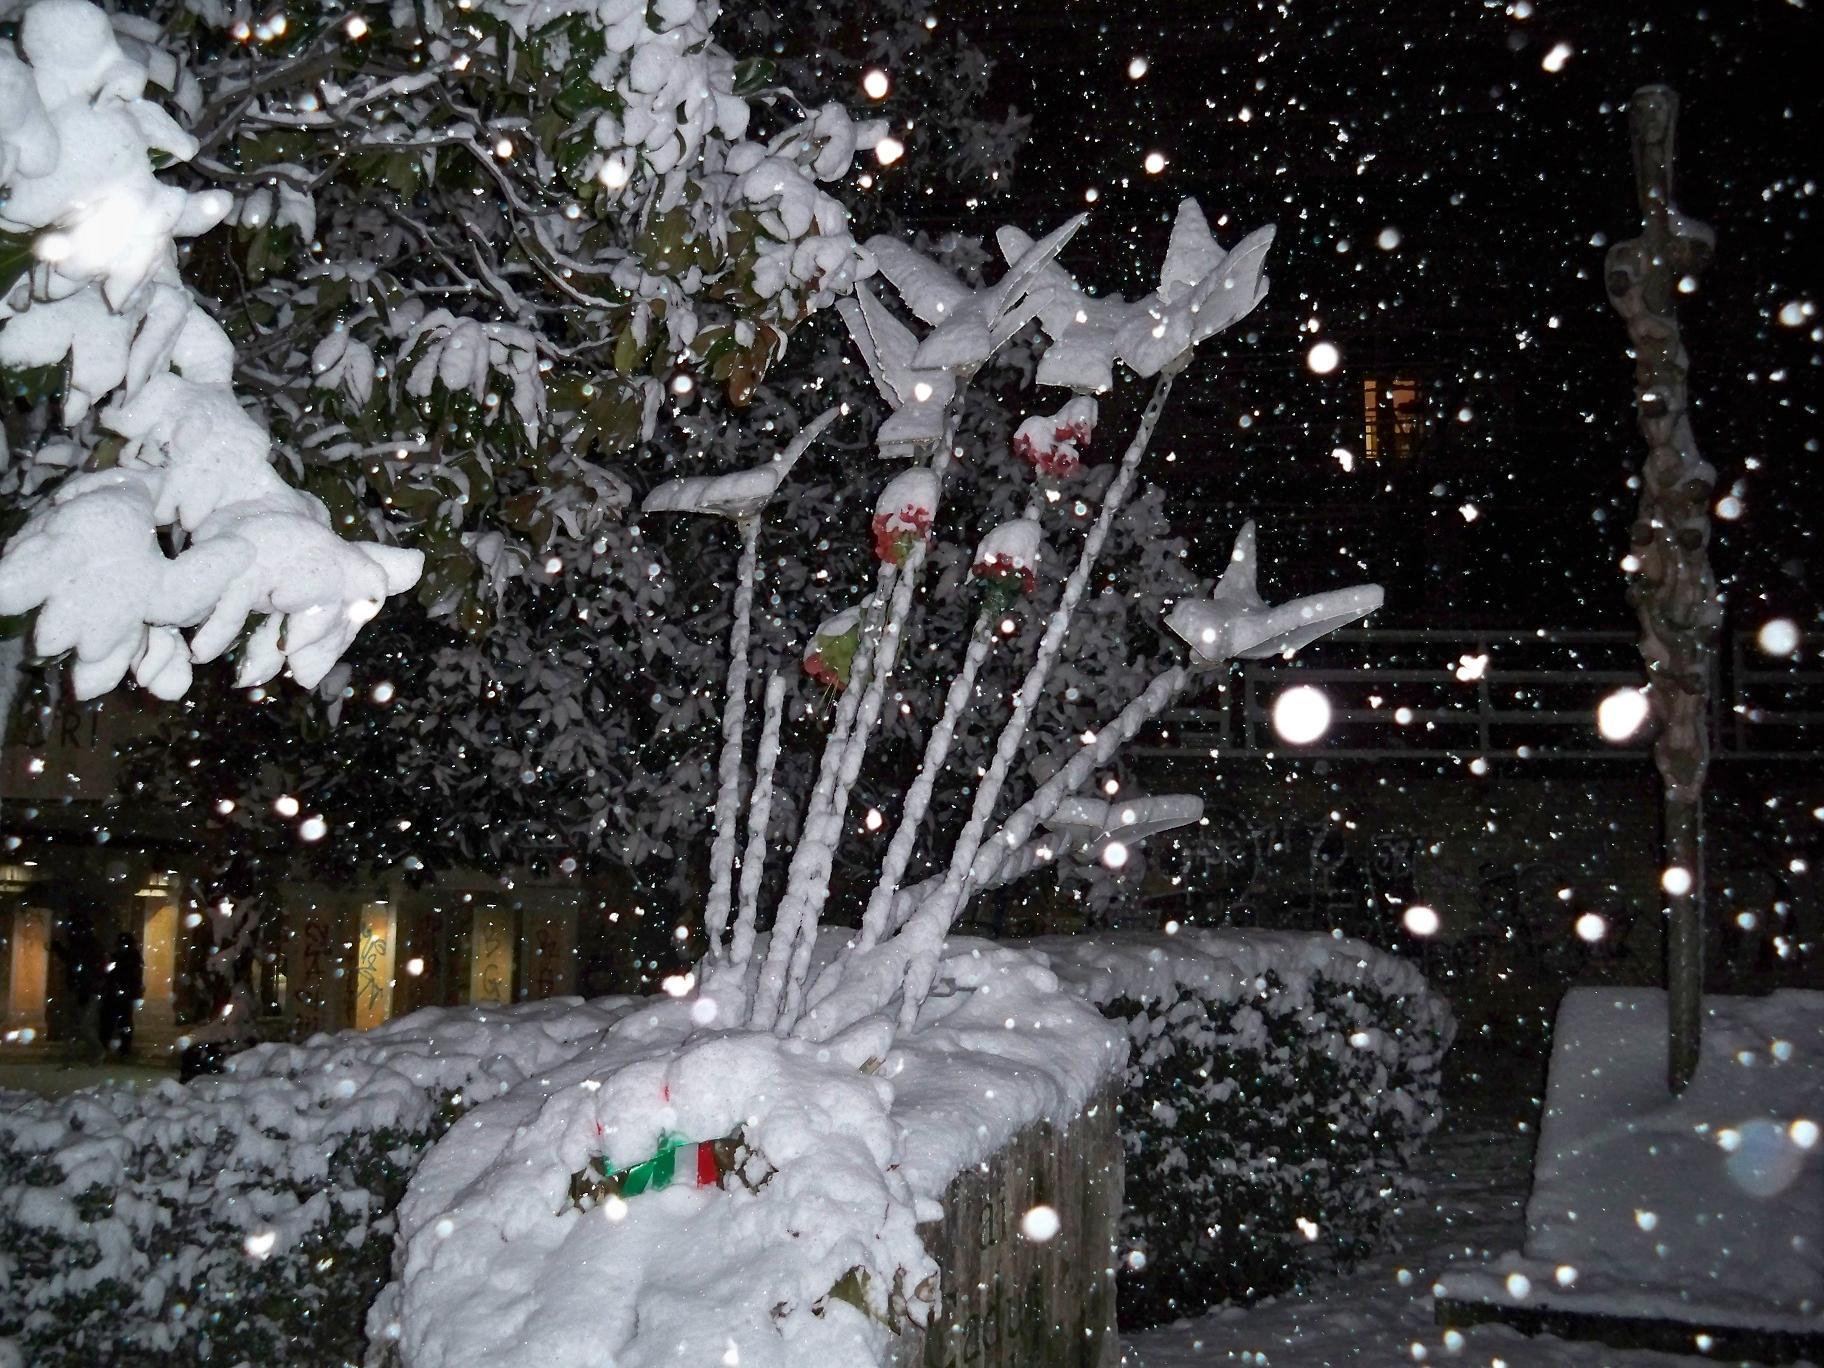 Neve a San Benedetto, 4 febbraio 2012 foto di Carlos 4